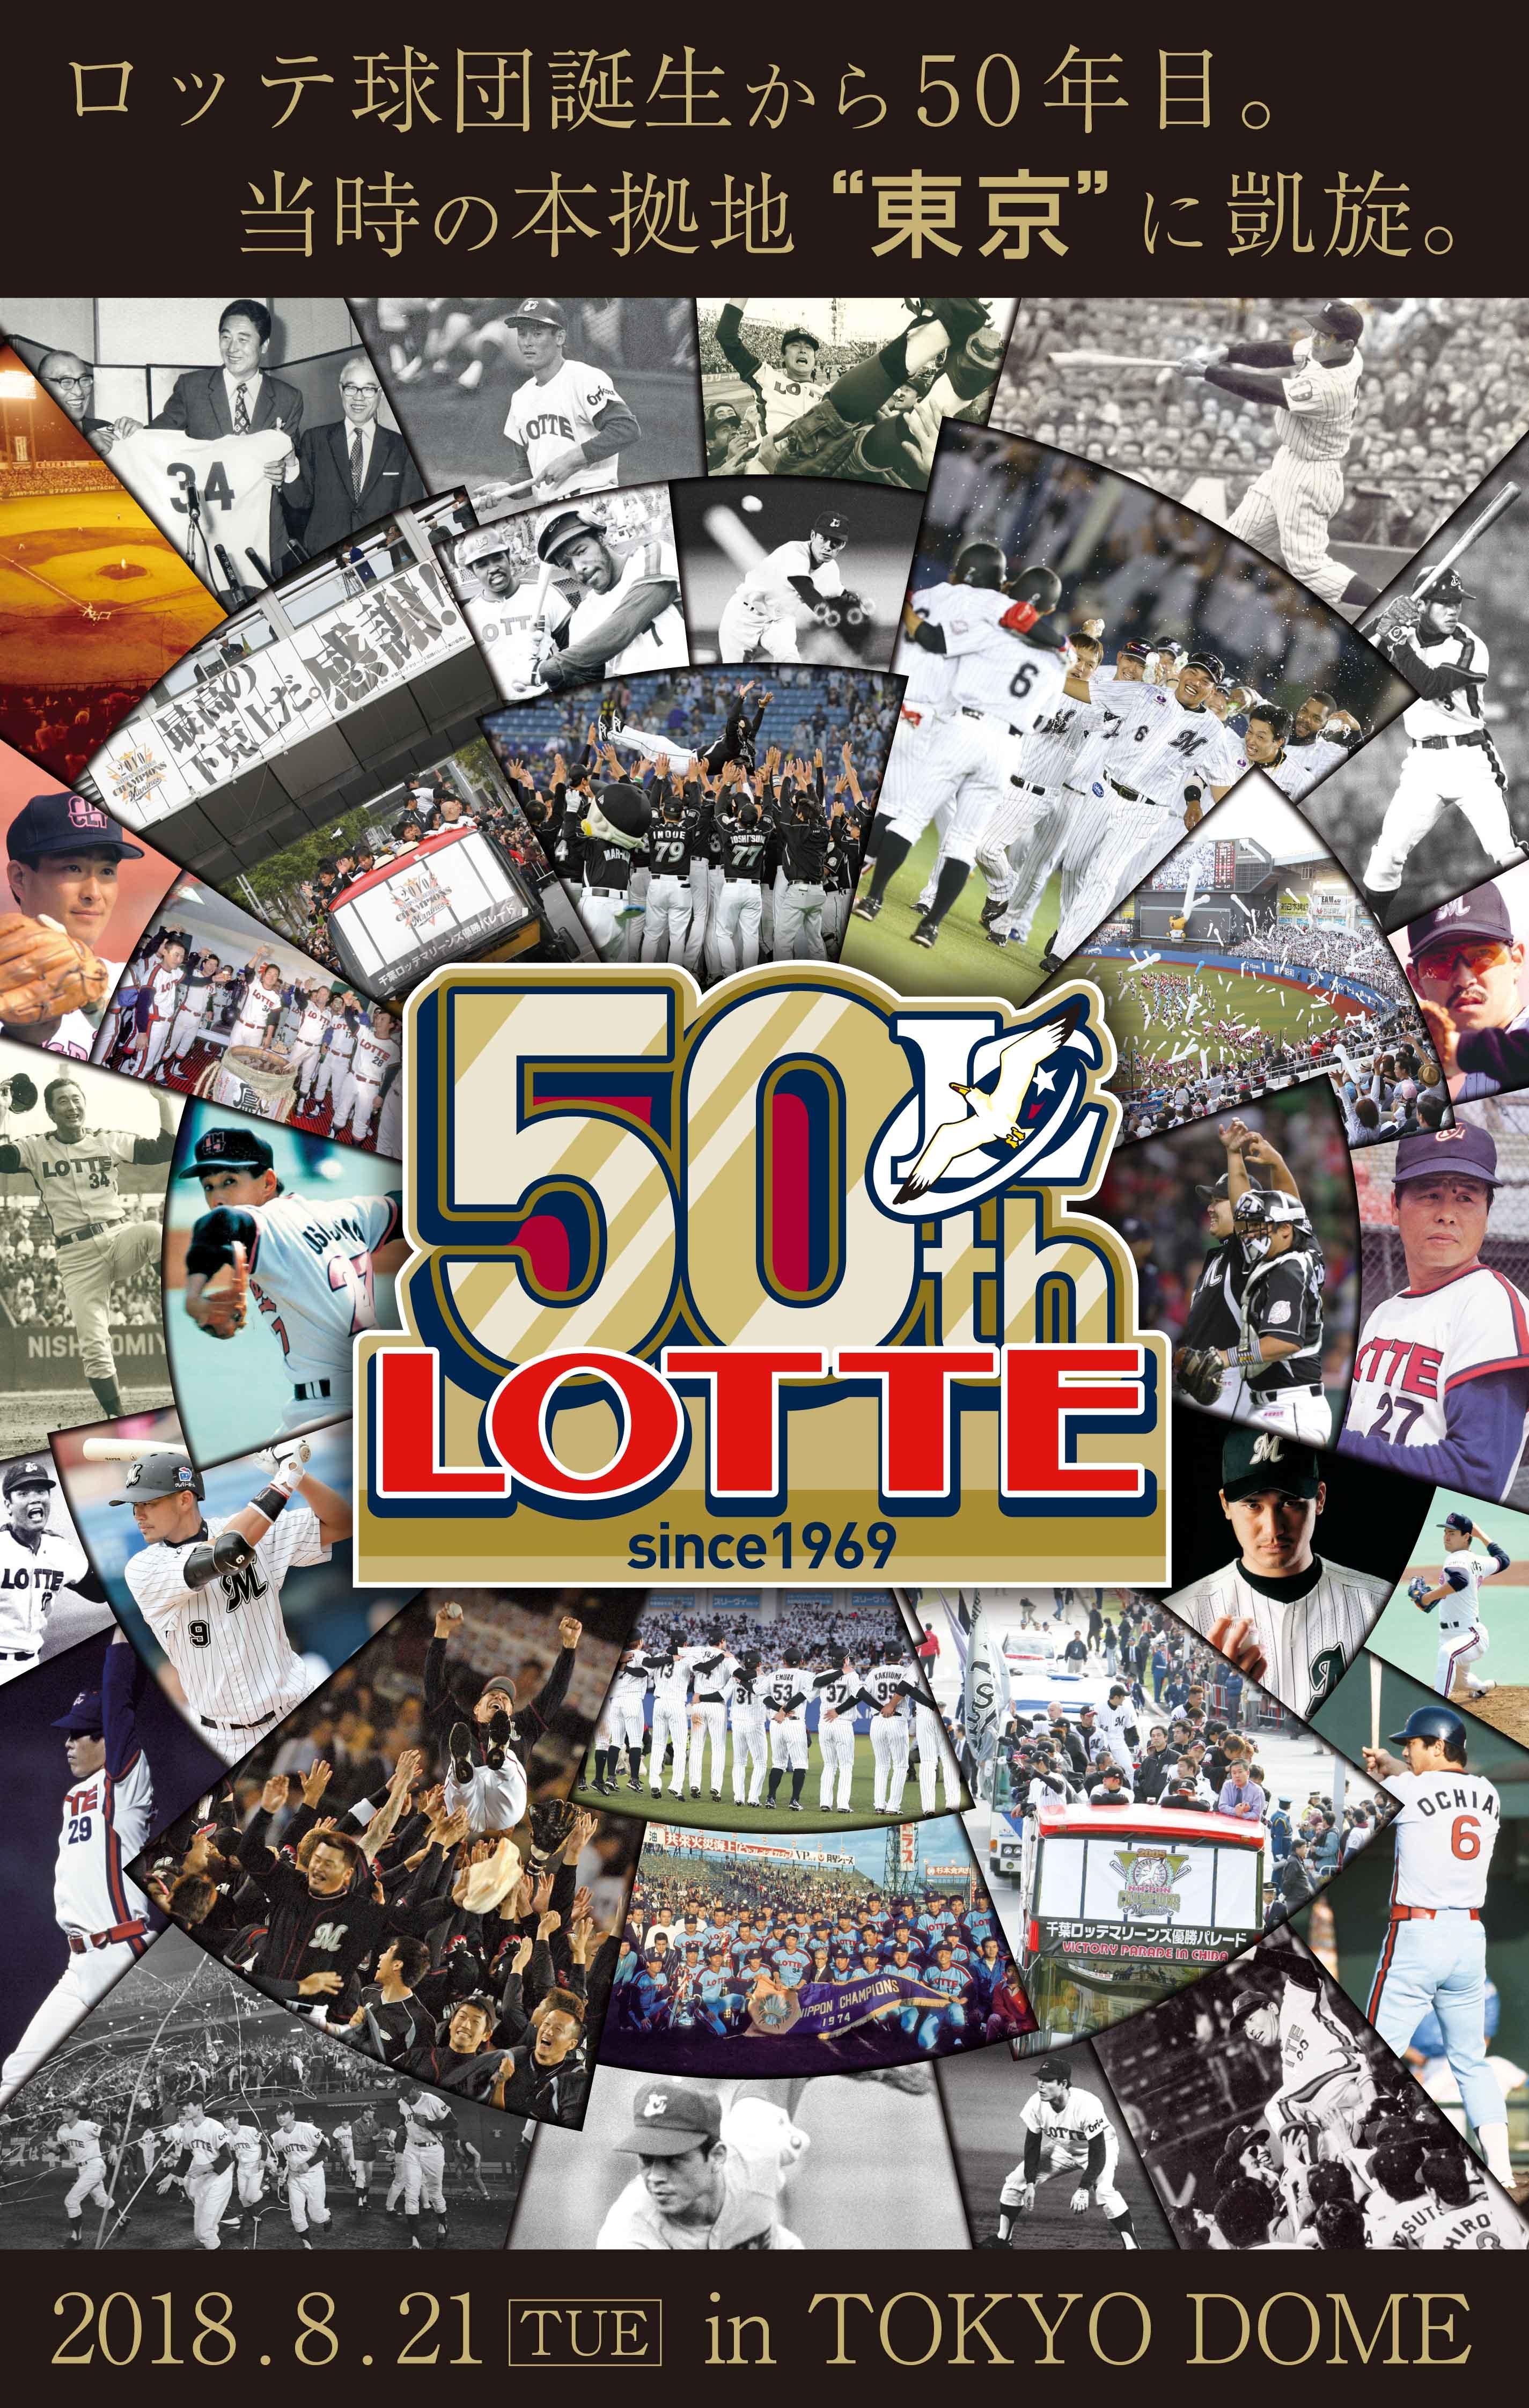 表紙には往年の選手とロッテ日本一の場面が飾られている